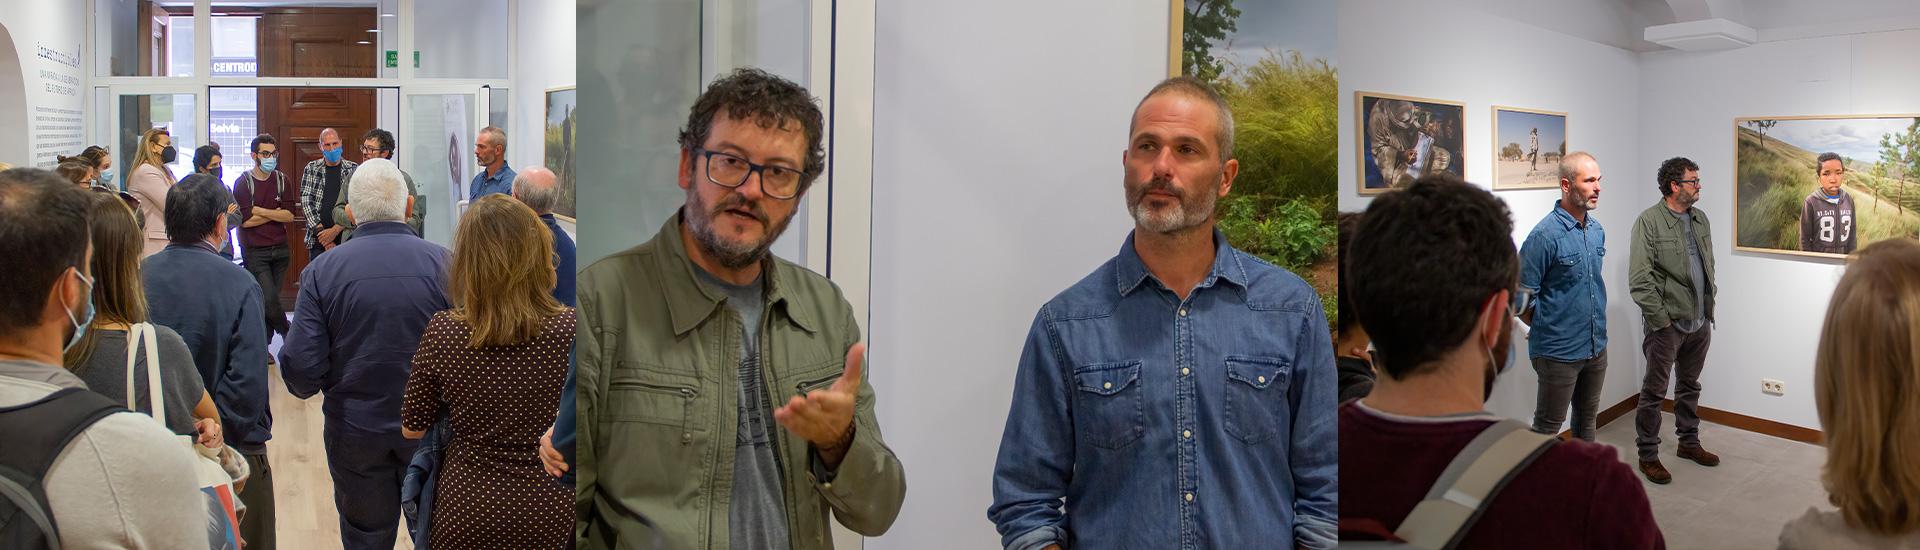 El Museo Misiones Salesianas reabre sus puertas con la inauguración de la muestra 'Indestructibles' en Madrid